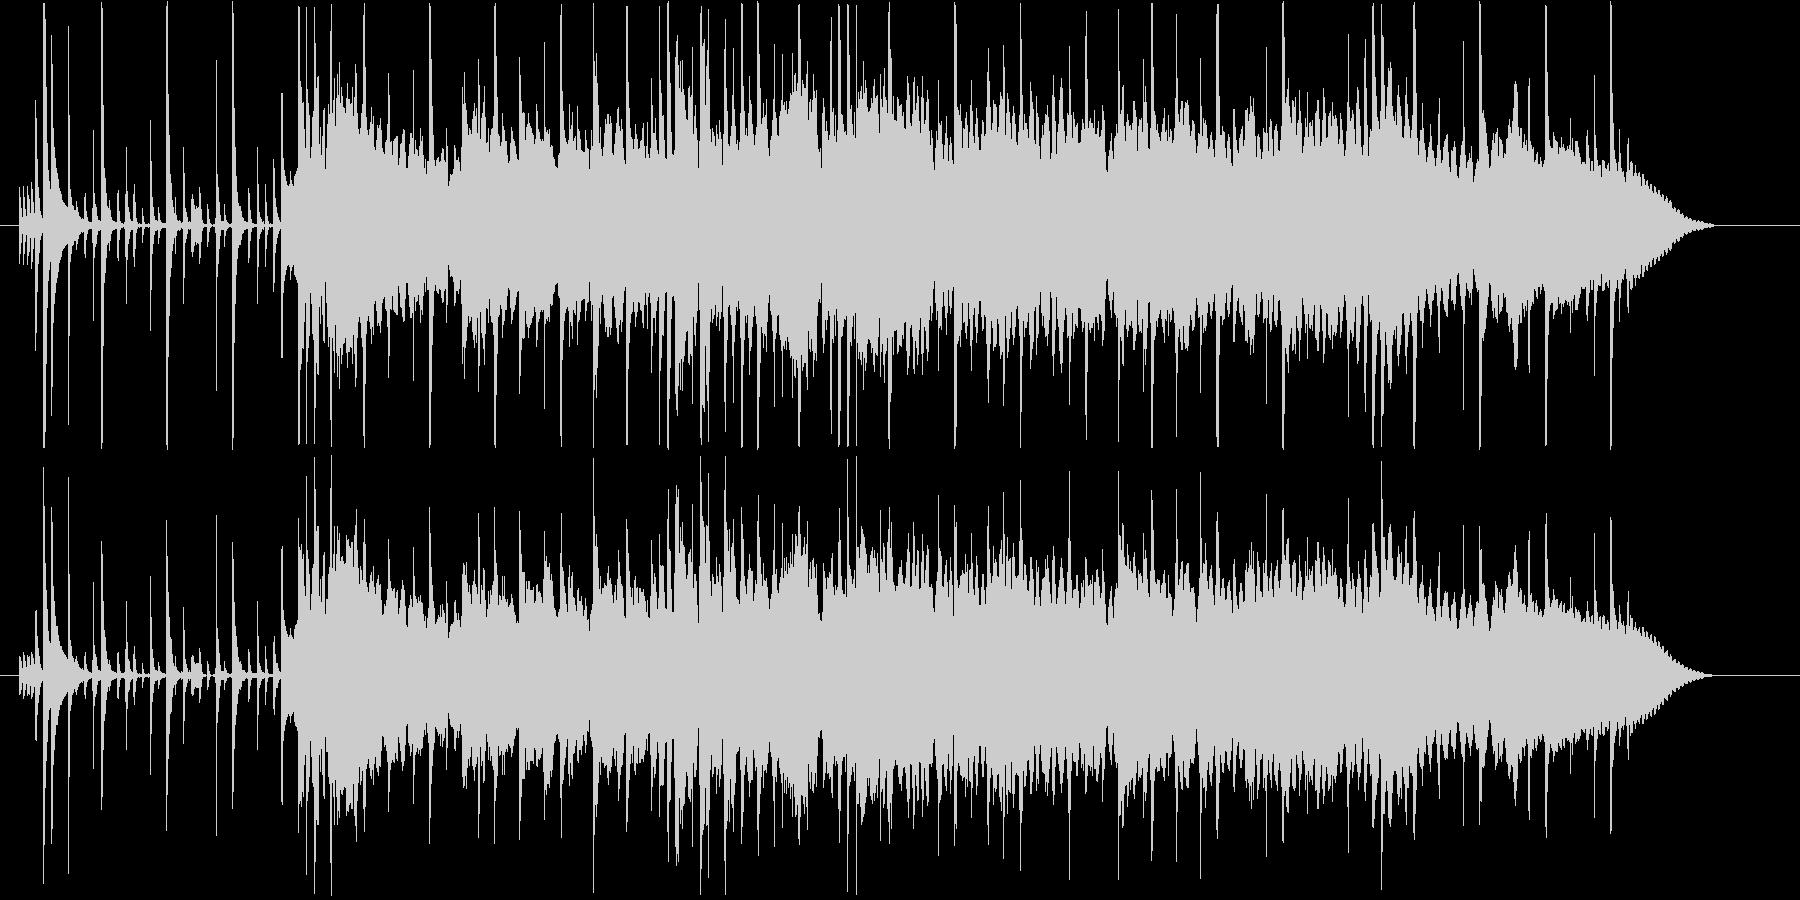 シティポップ風ジングル・サウンドロゴの未再生の波形